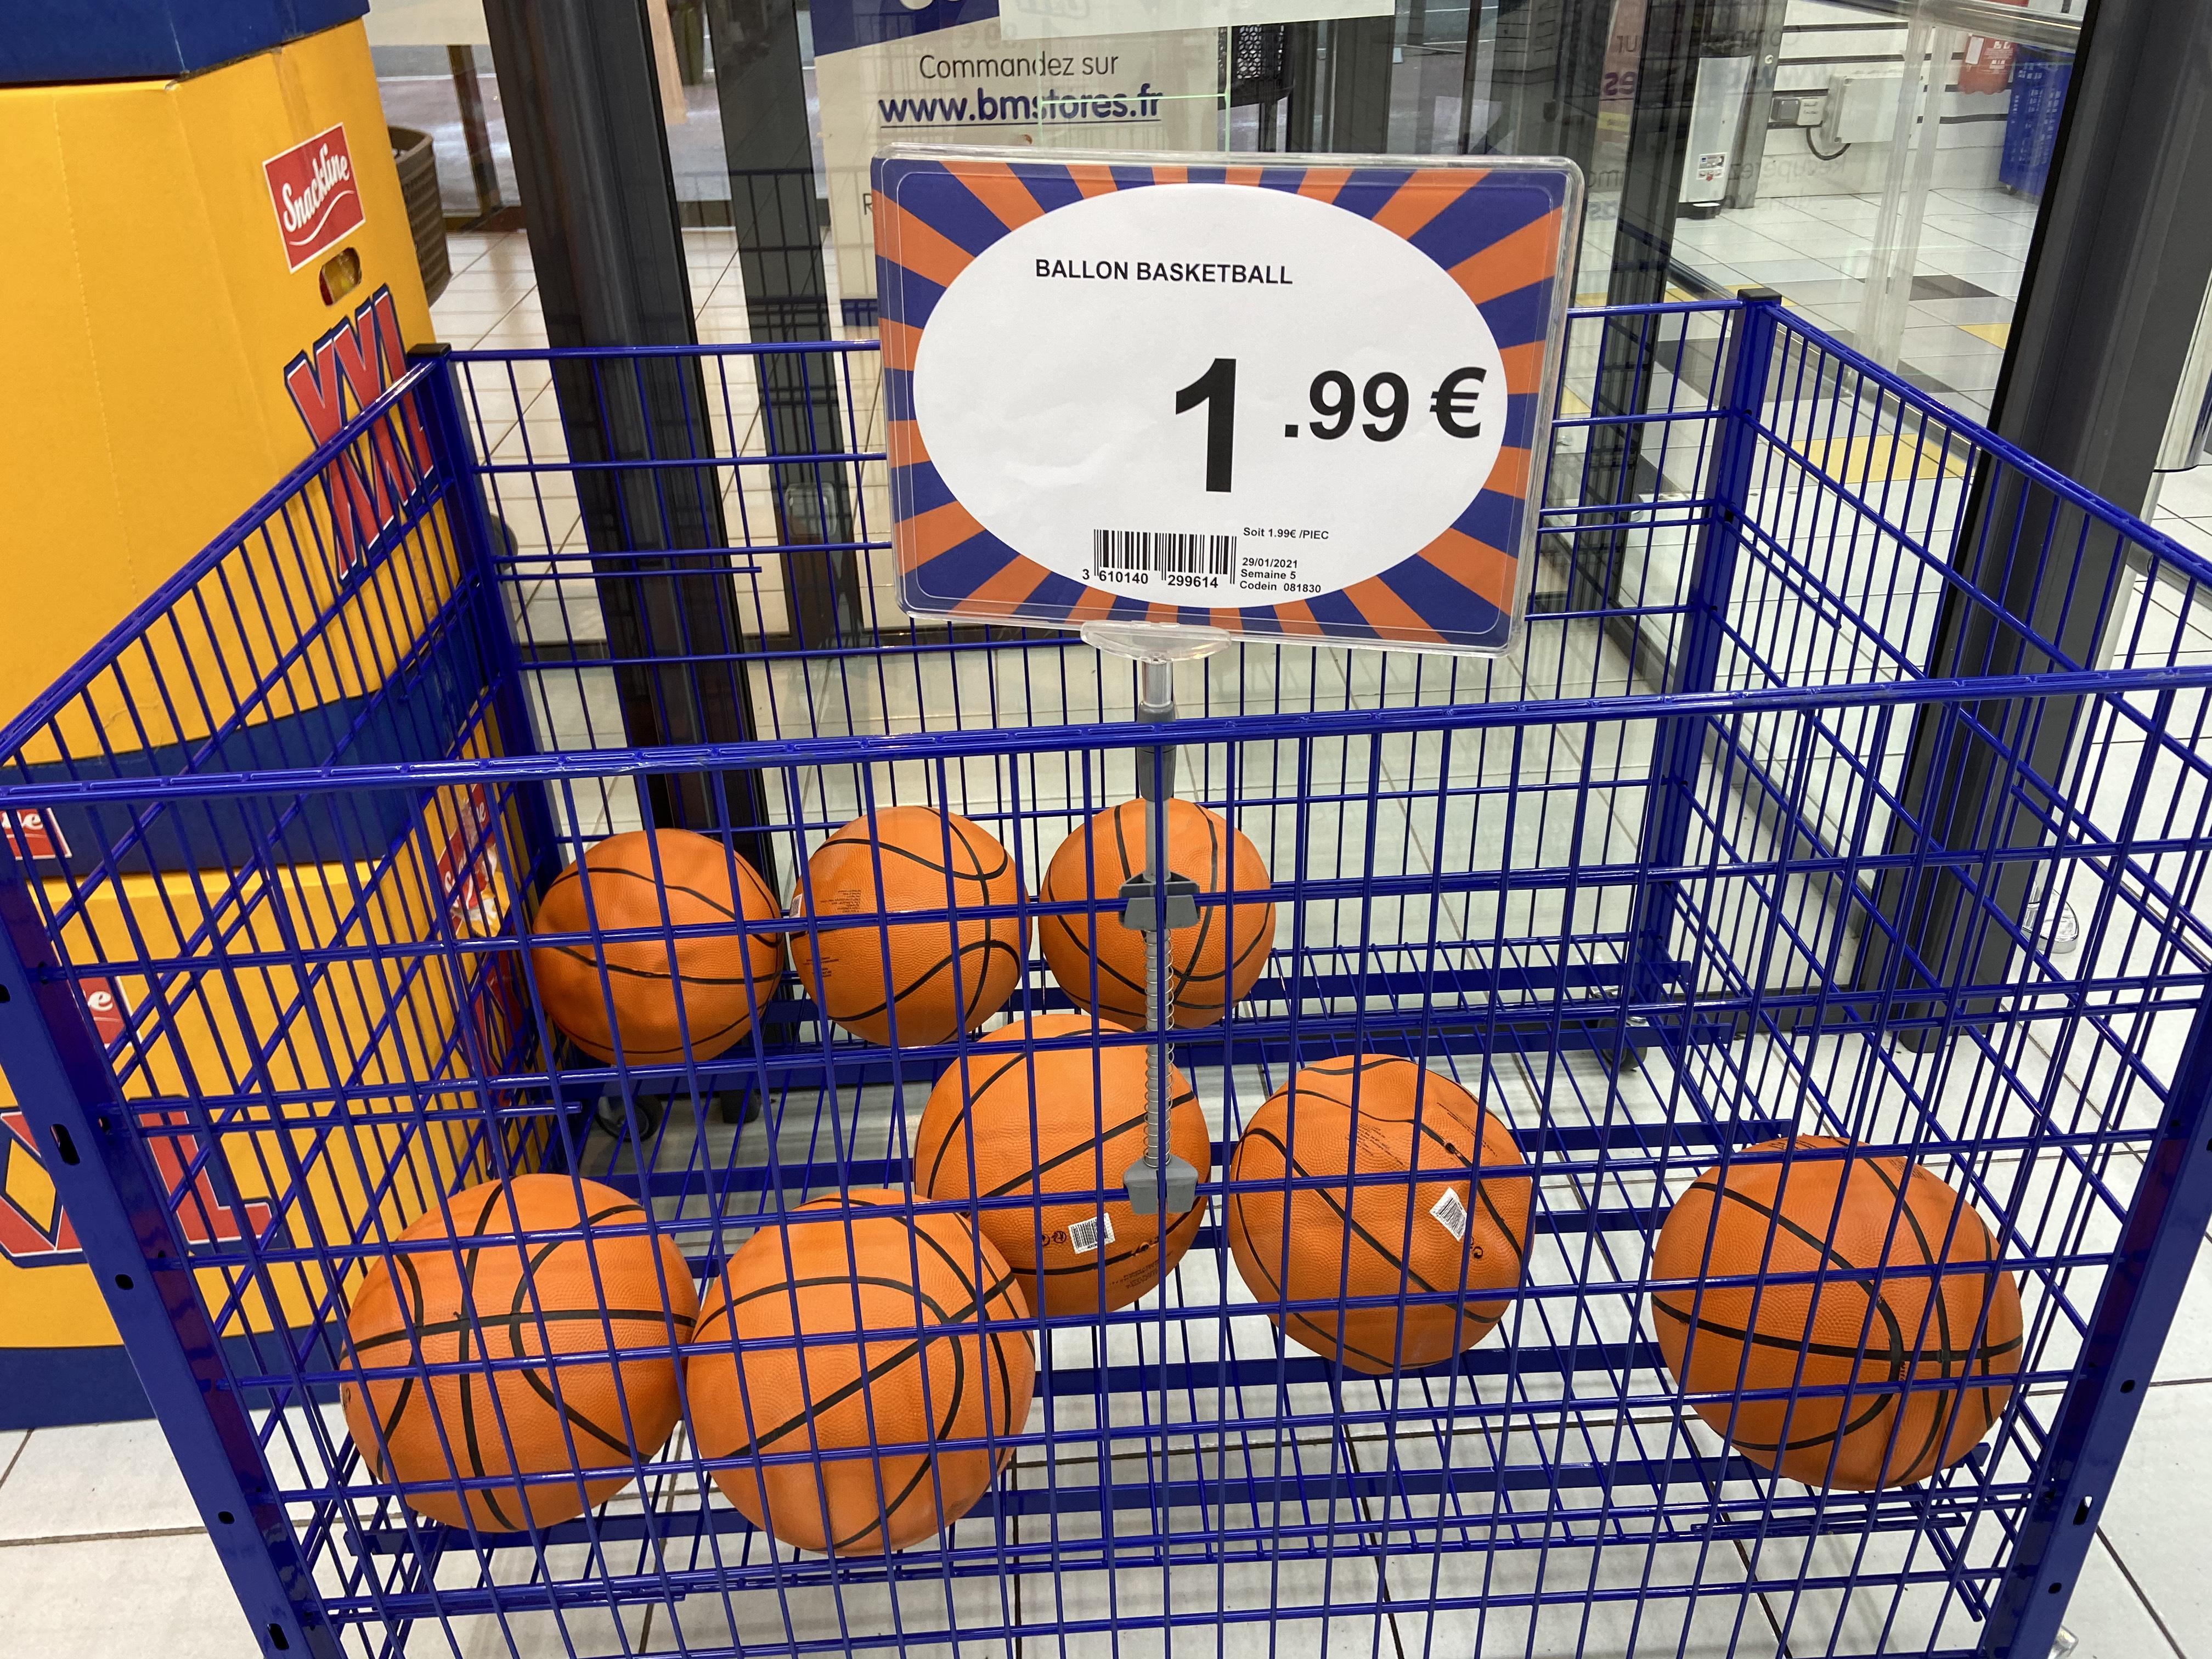 Ballon de basketball - Corbeil-Essonnes (91)